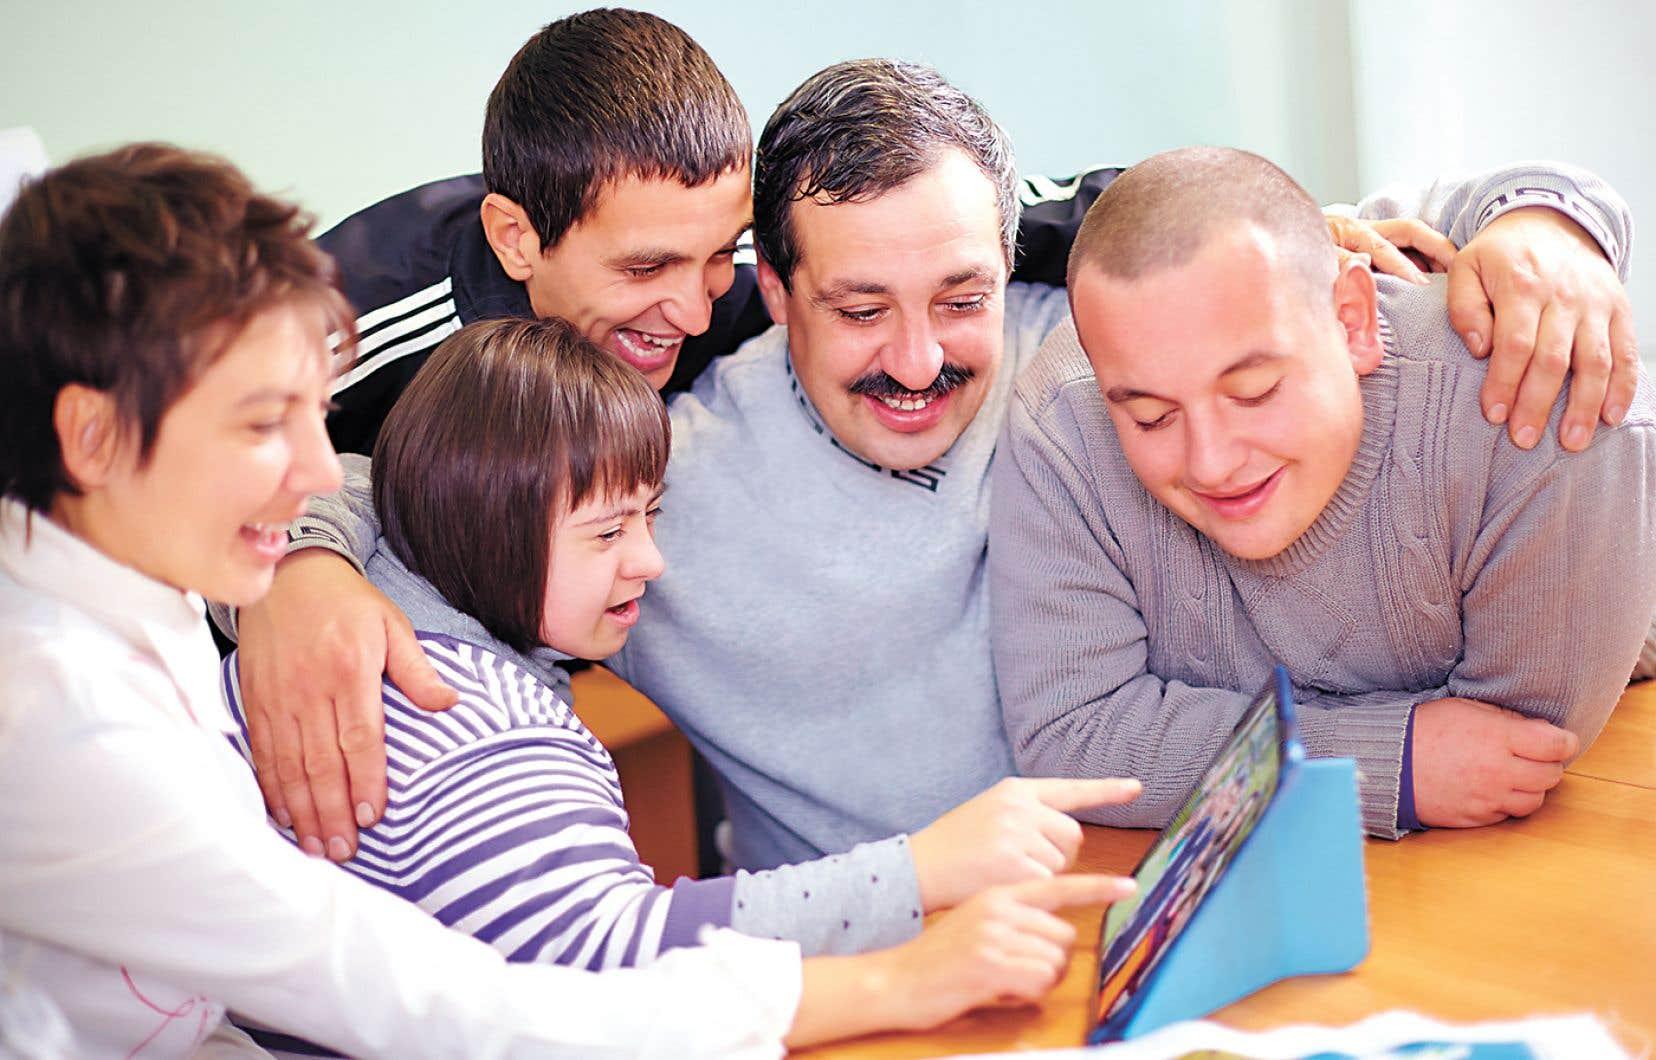 Les jeunes qui vivent des difficultés peuvent être pris en charge par des familles d'accueil.